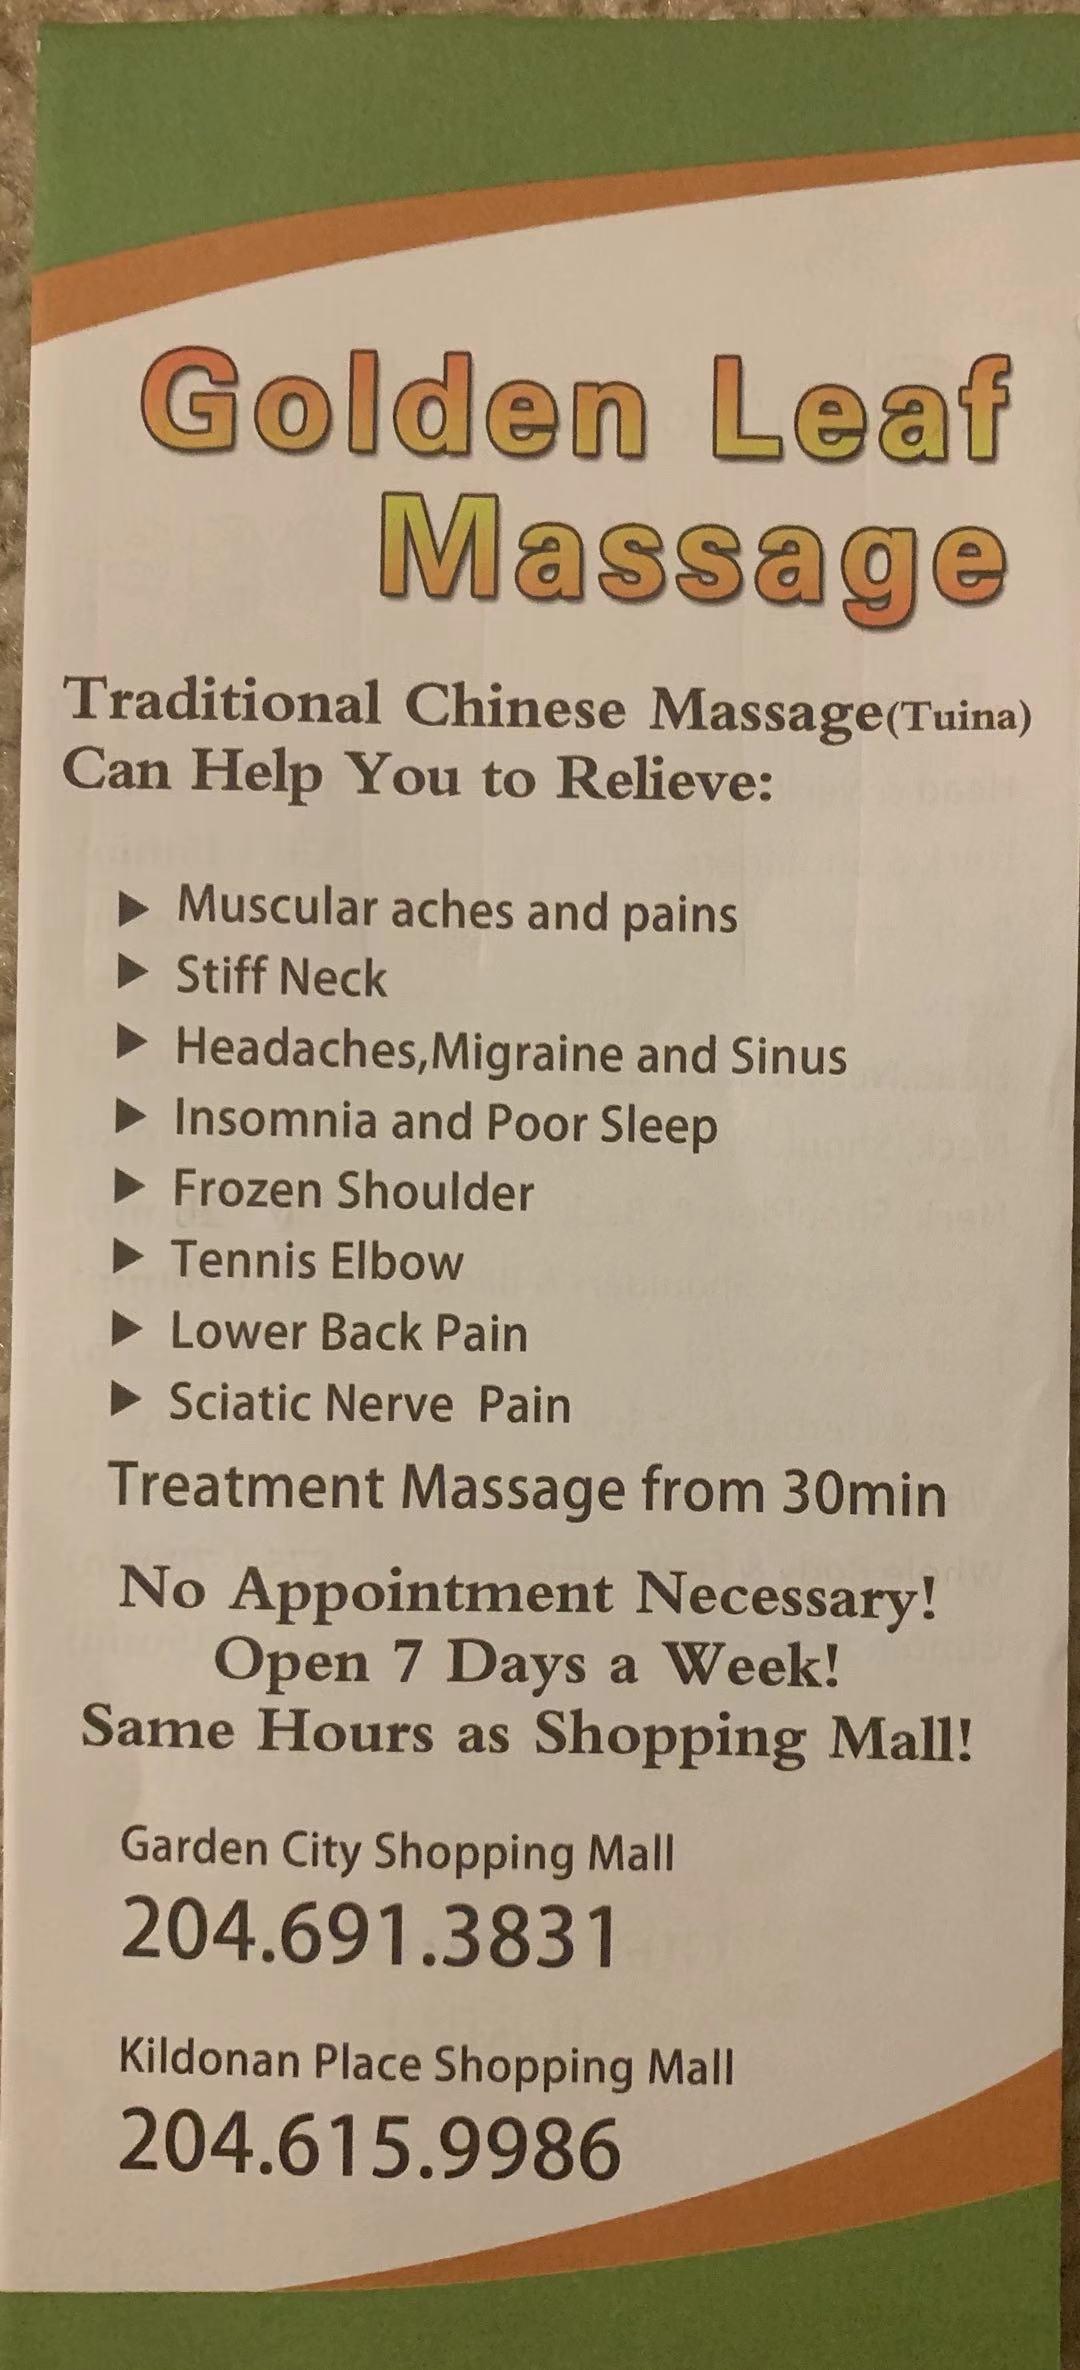 Golden Leaf Massage & Brow Bar